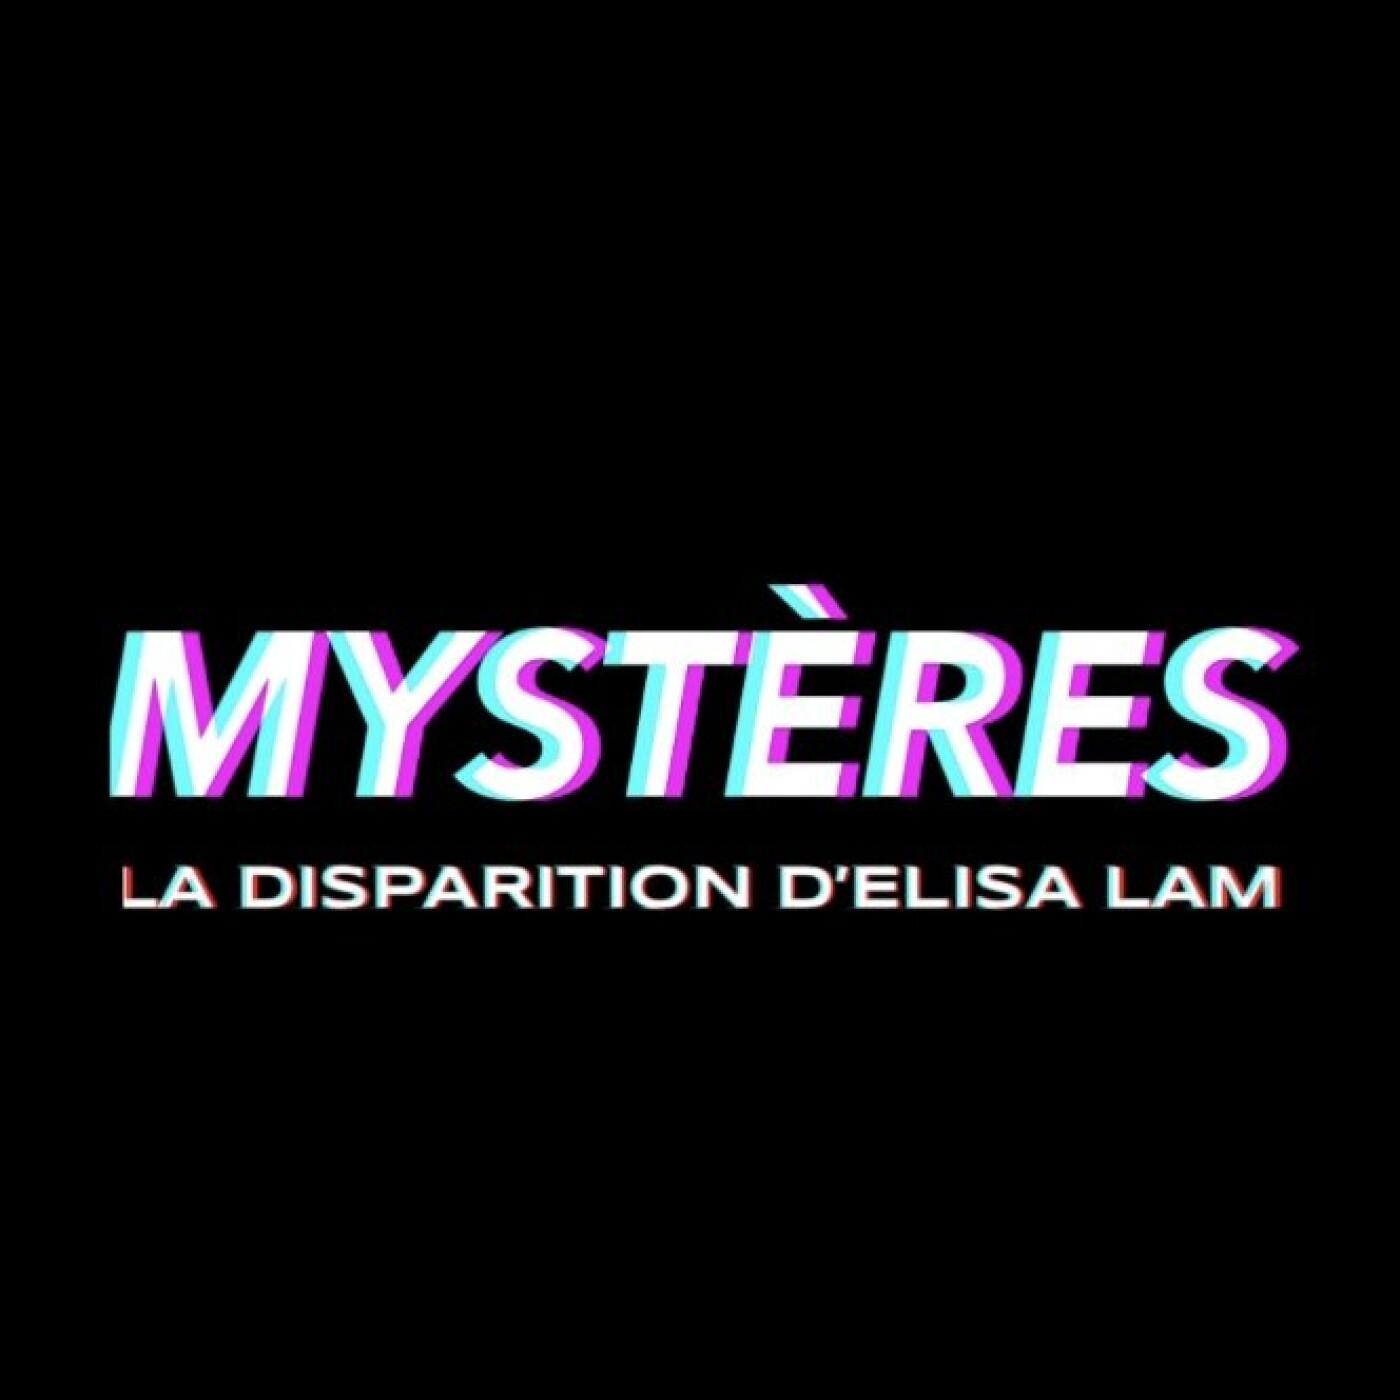 MYSTERES #02 - La disparition étrange d'Elisa Lam (CECIL HOTEL)